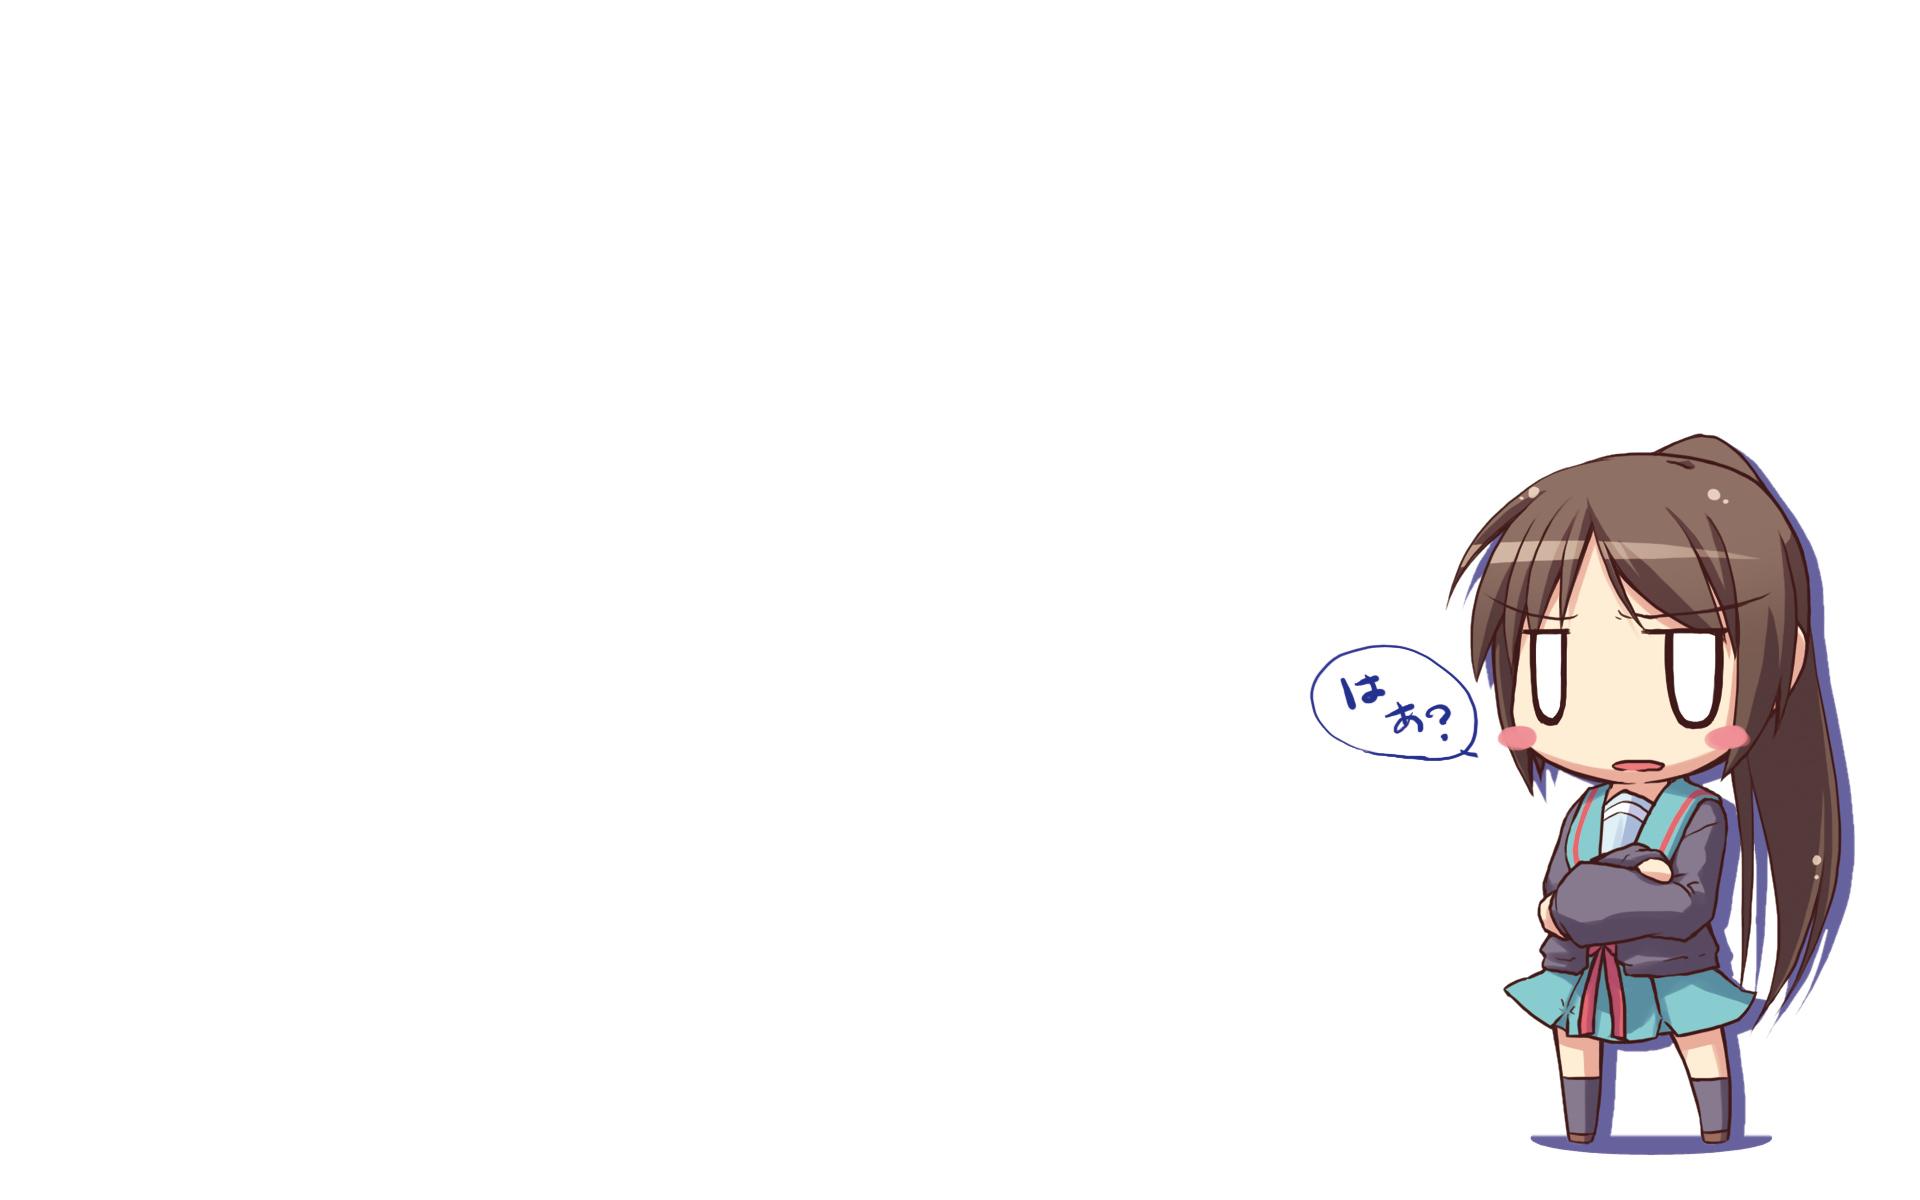 chibi genderswap hirose_madoka kyonko school_uniform suzumiya_haruhi_no_yuutsu white